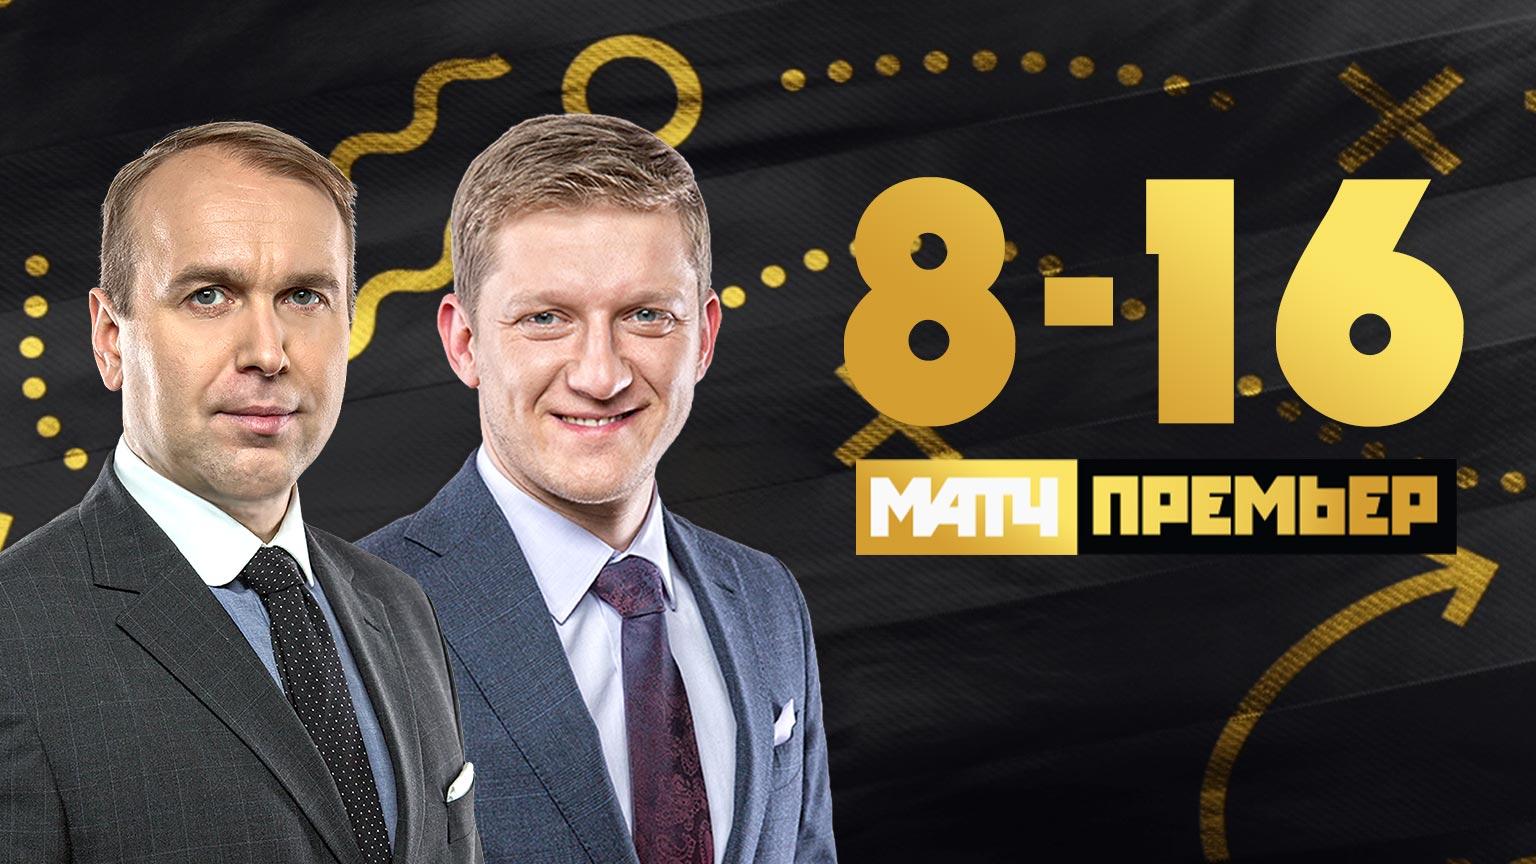 8-16-самый резонансный матч сезона,волевая победа ЦСКА-27.10